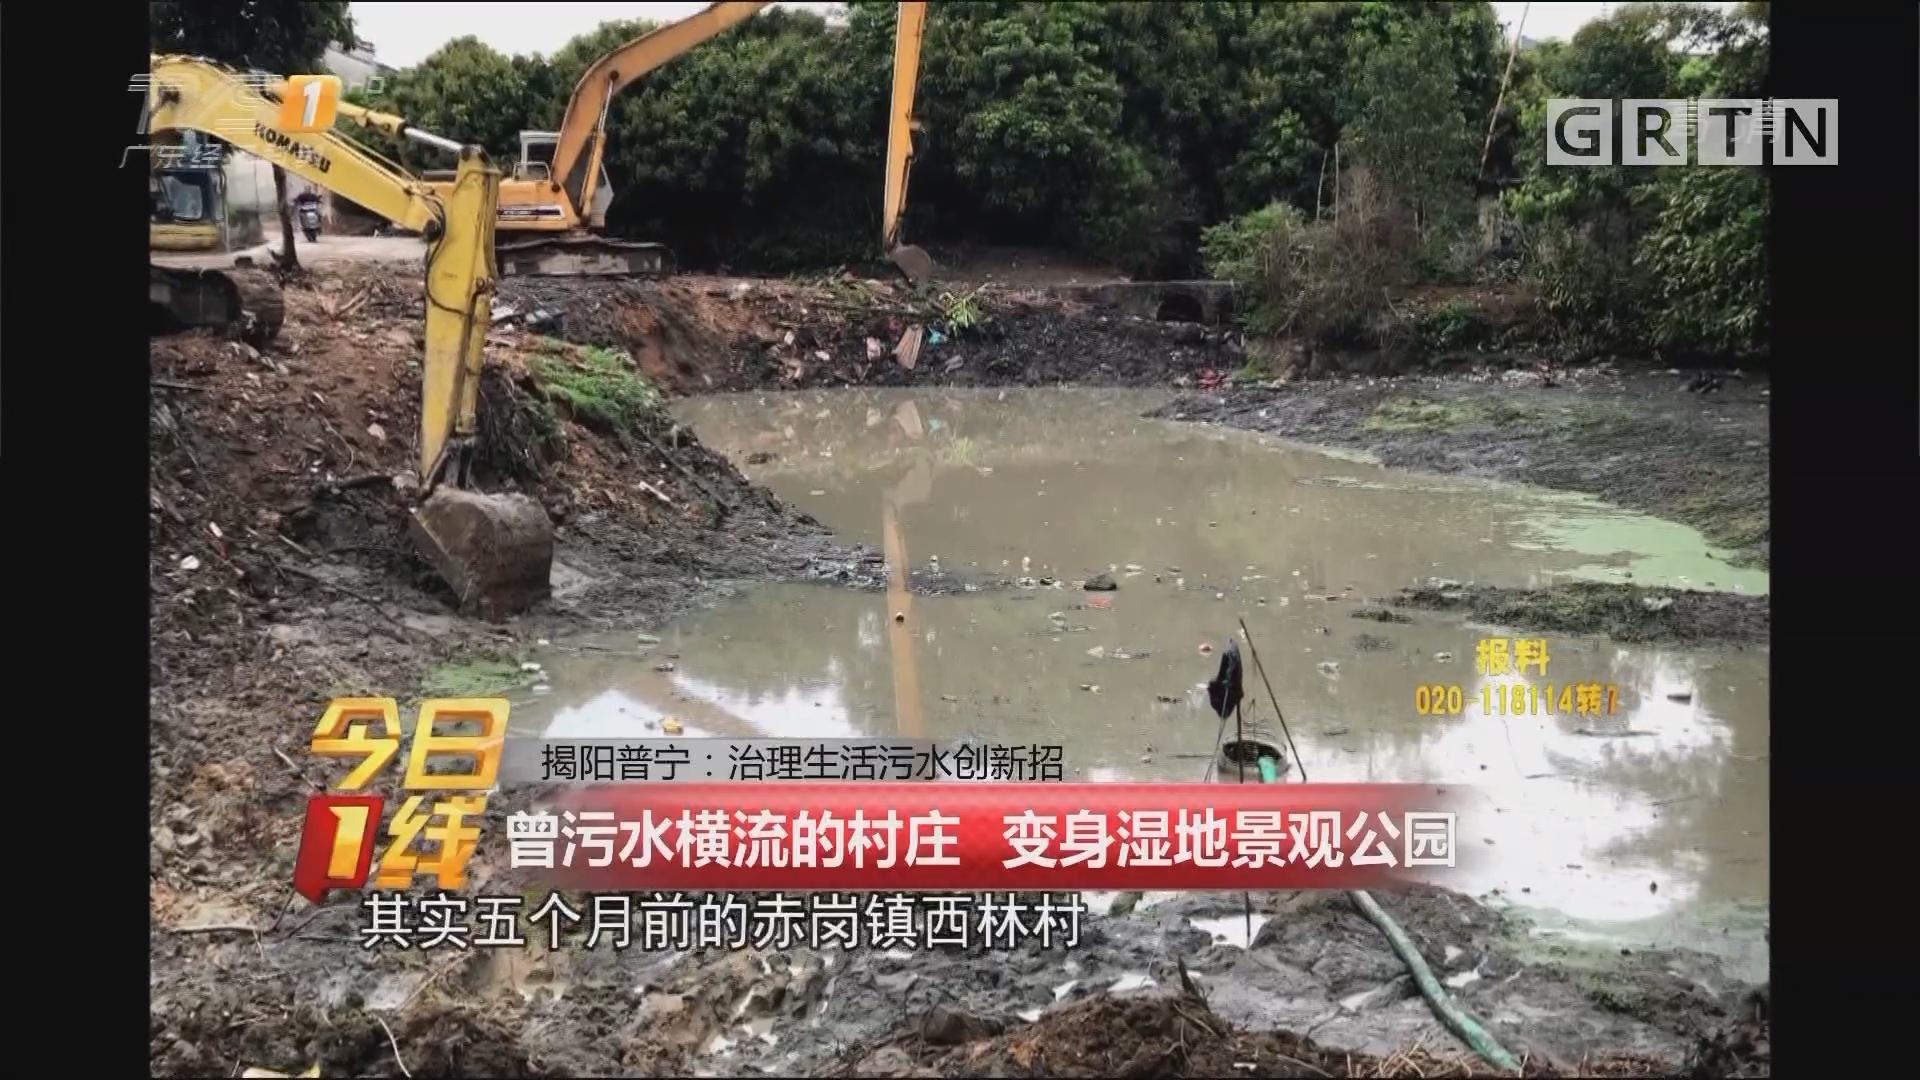 揭阳普宁:治理生活污水创新招 曾污水横流的村庄 变身湿地景观公园